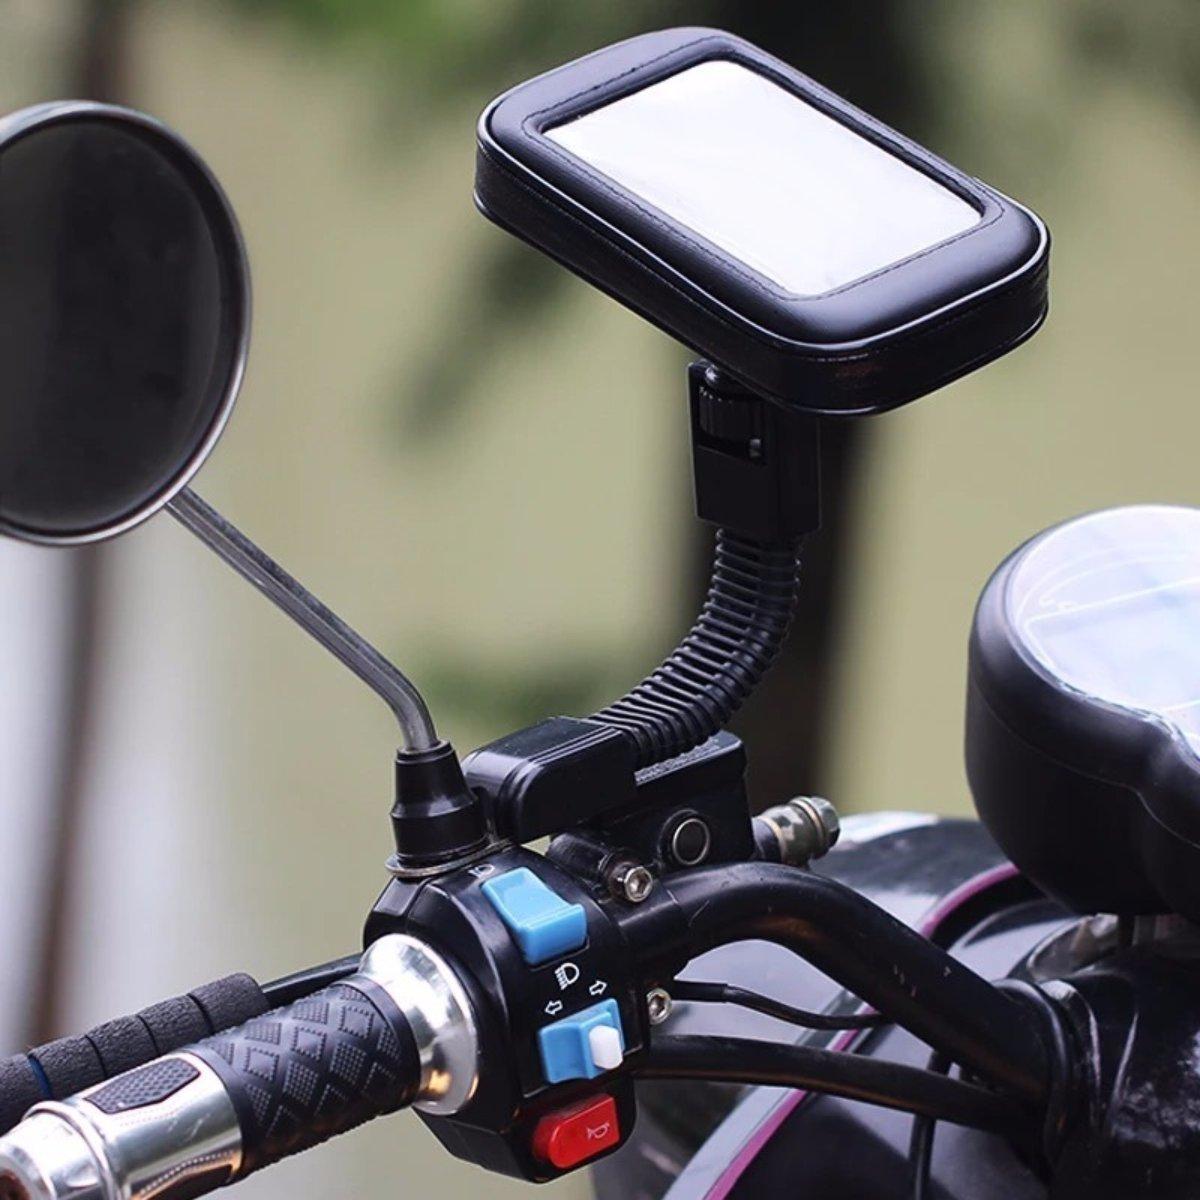 """KIT MOTOQUEIRO COM PAR DE MANGUITO TÉRMICO POLEGAR + SUPORTE PARA CELULAR GPS 6,2"""" TRAVA RETROVISOR"""